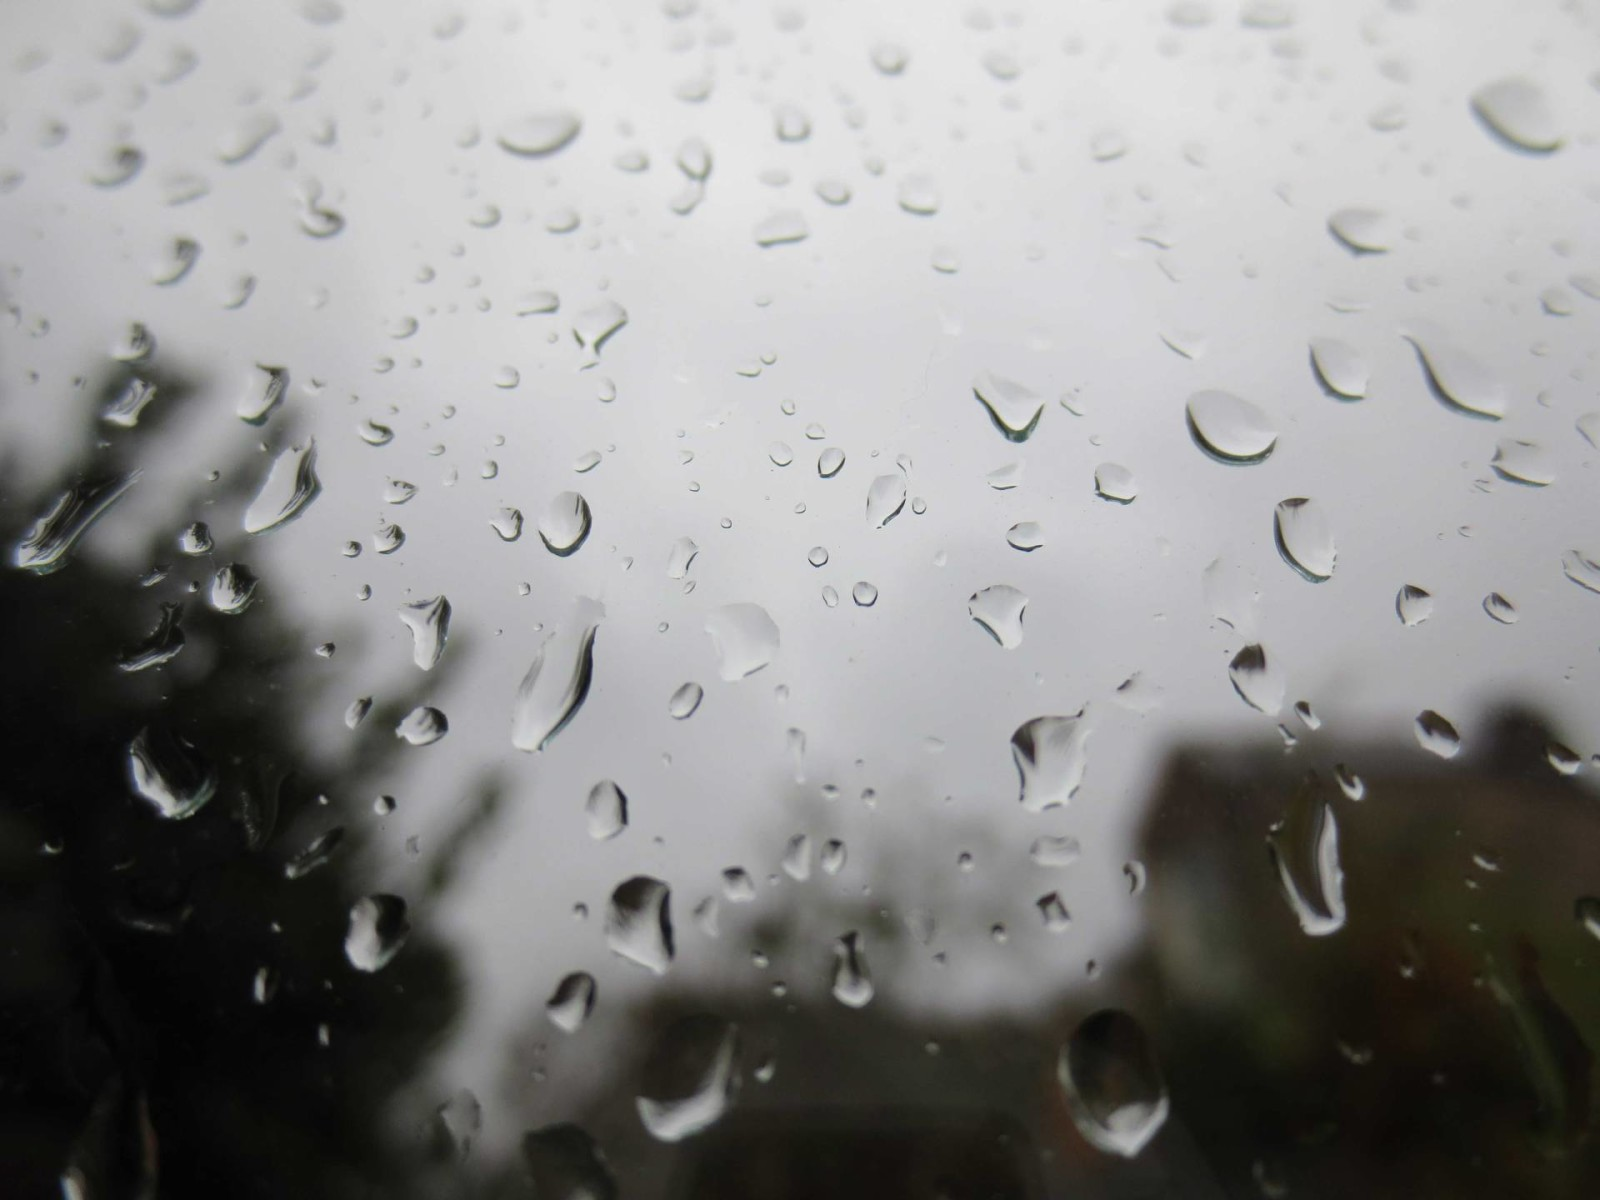 Rainy, lazy, hazy days